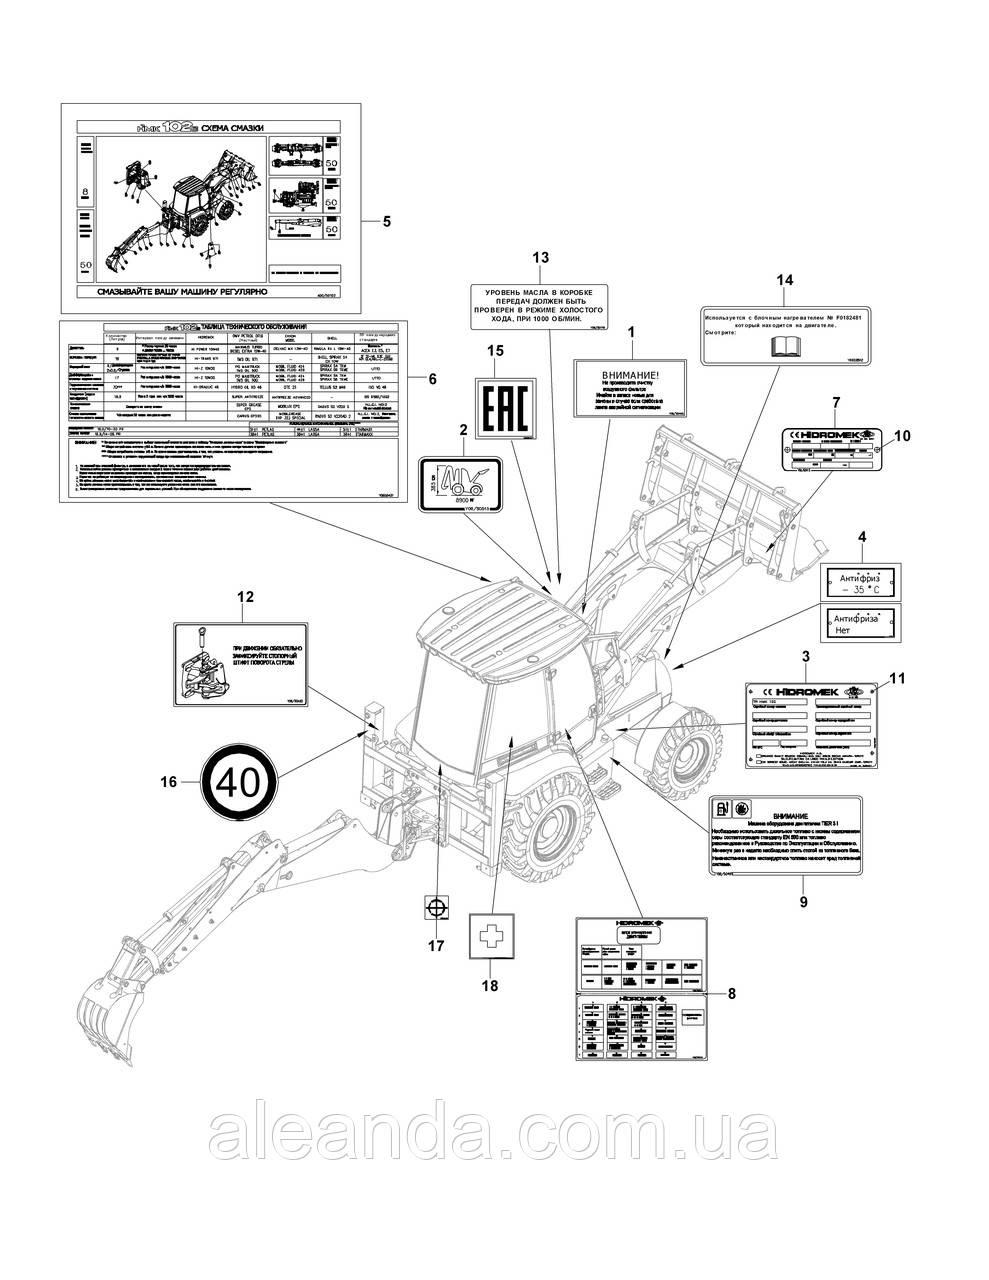 02040626 захисна кришка важелів управління робочого обладнання Hidromek